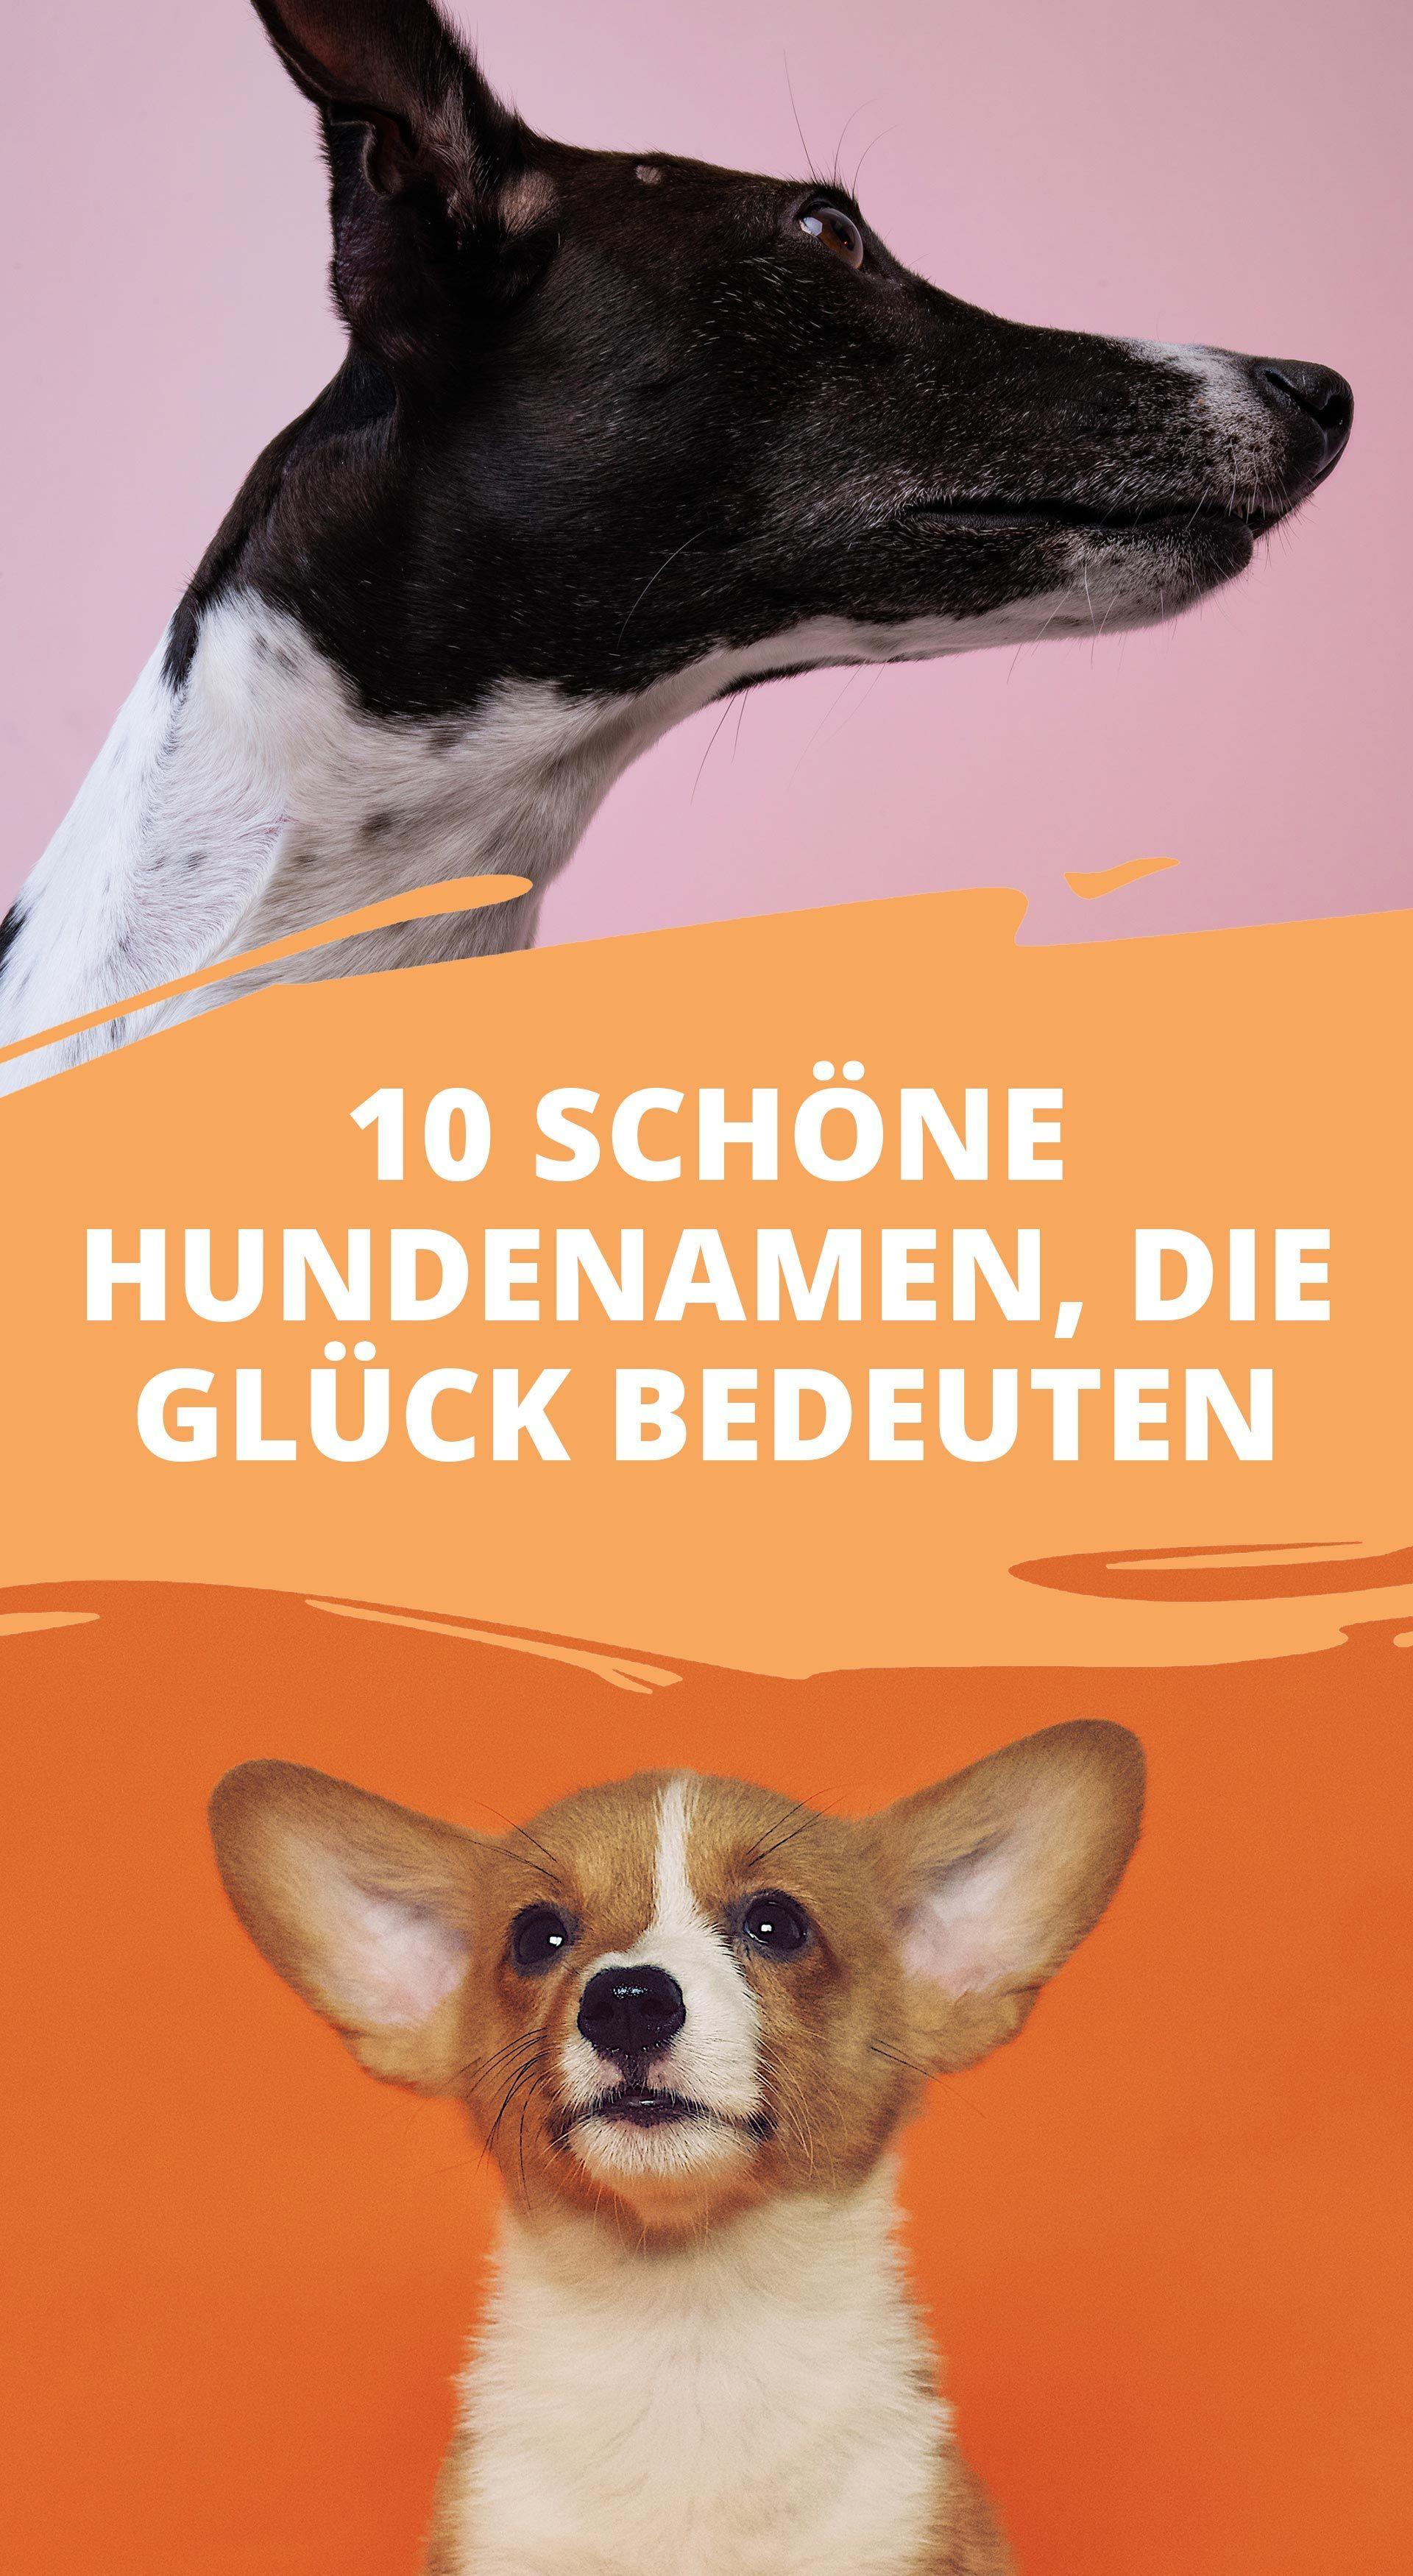 10 Schone Hundenamen Die Gluck Bedeuten Hunde Hundenamen Tier